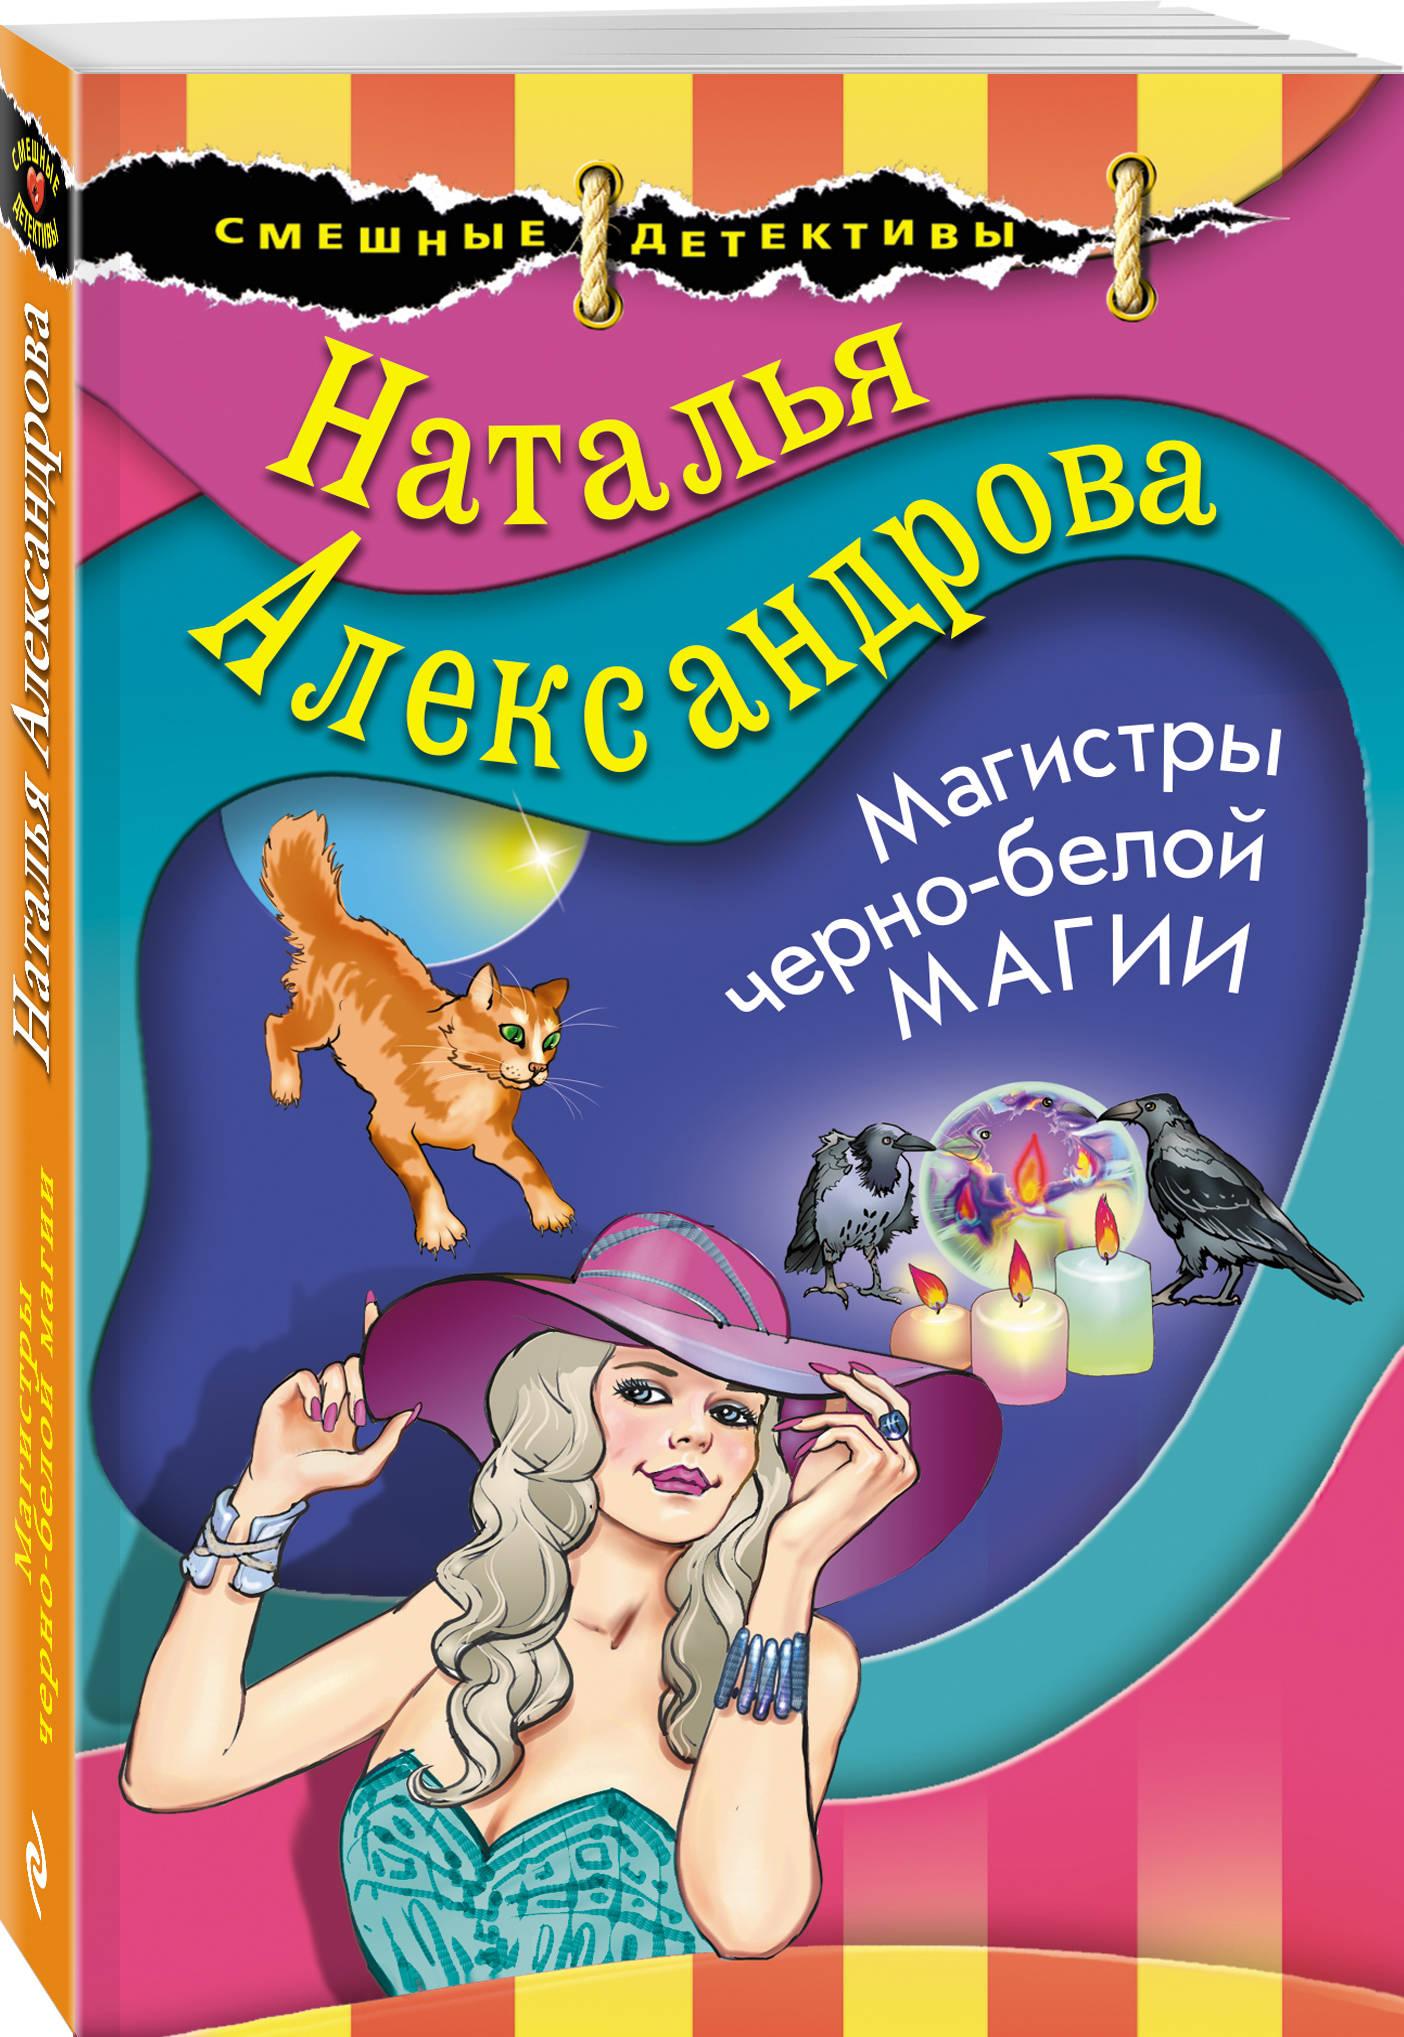 Фото - Наталья Александрова Магистры черно-белой магии наталья александрова убийство в спальном вагоне